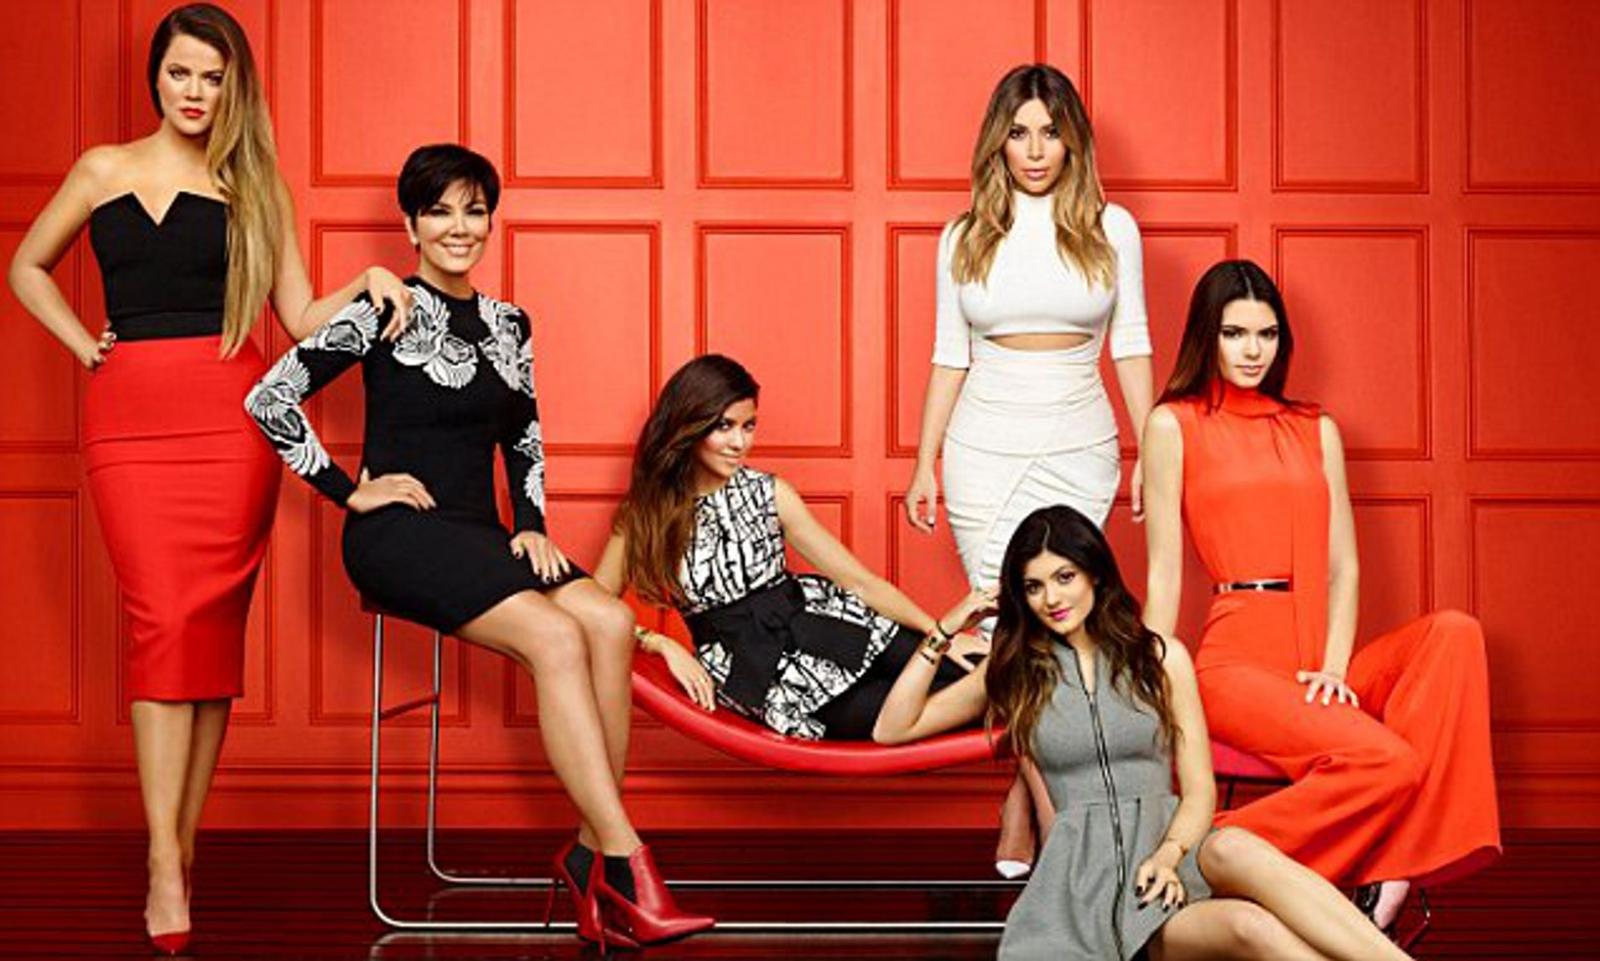 Esta es la integrante de las Kardashian que dejará el reality